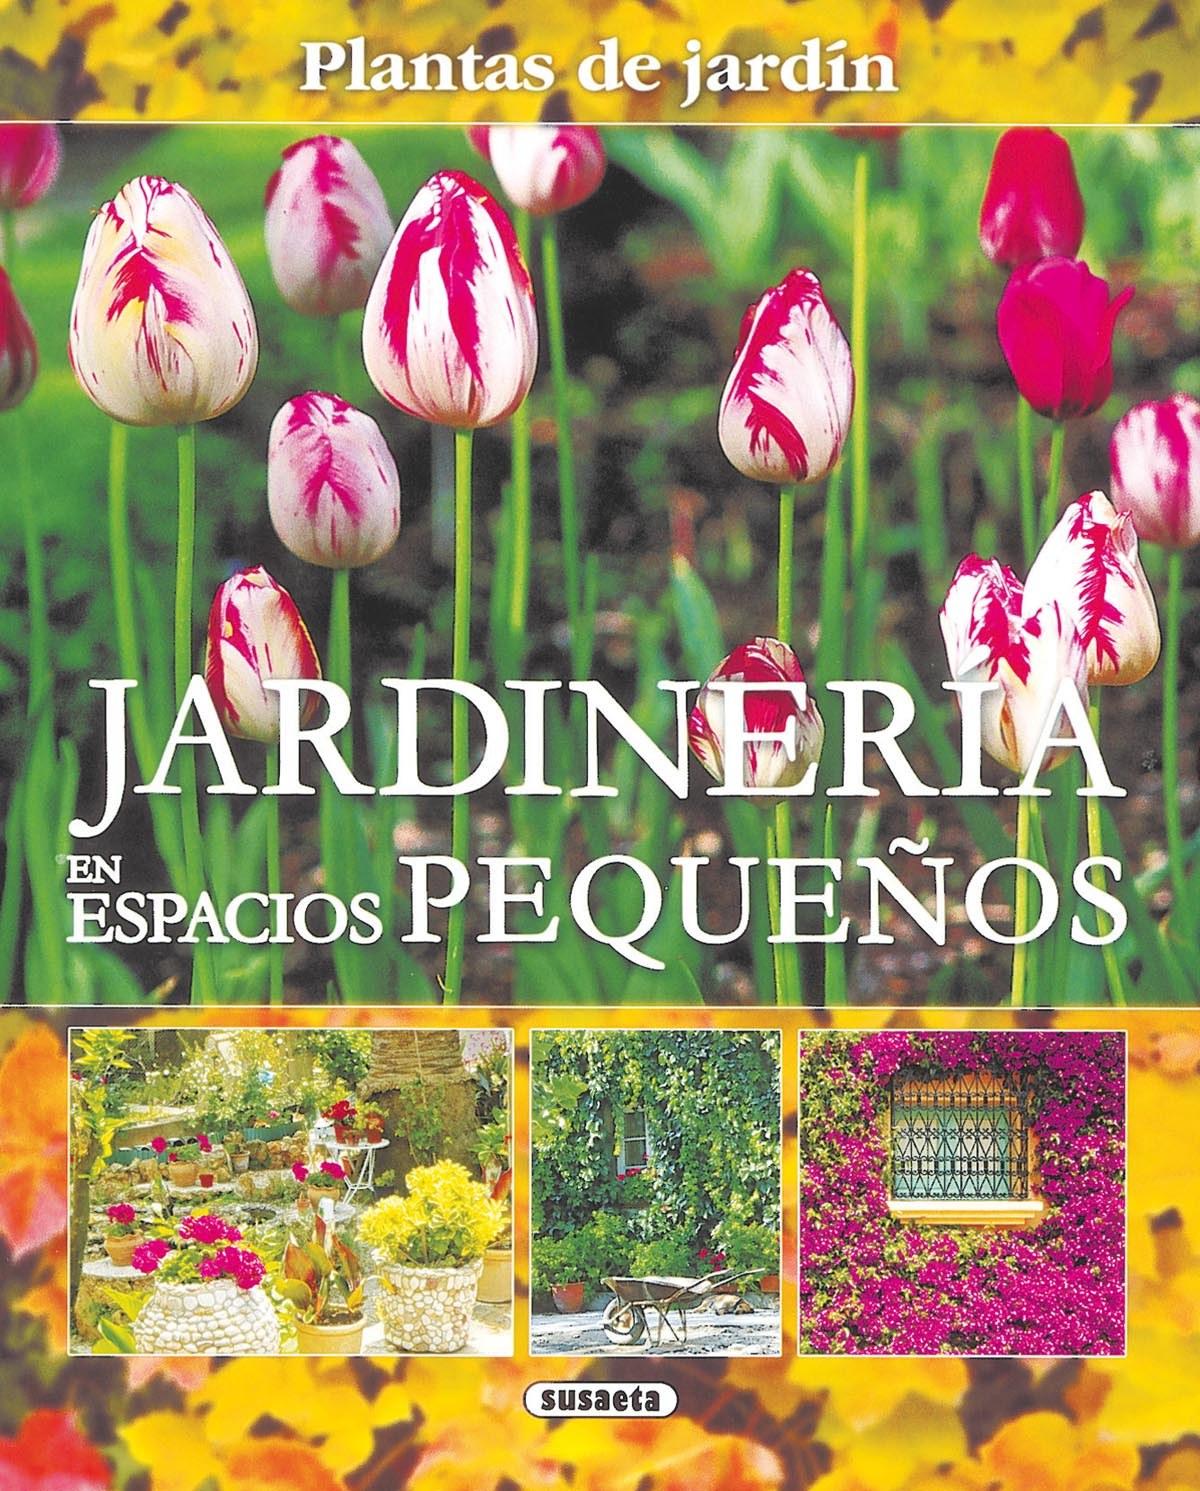 Jardiner¡a en espacios pequeños 9788430569854